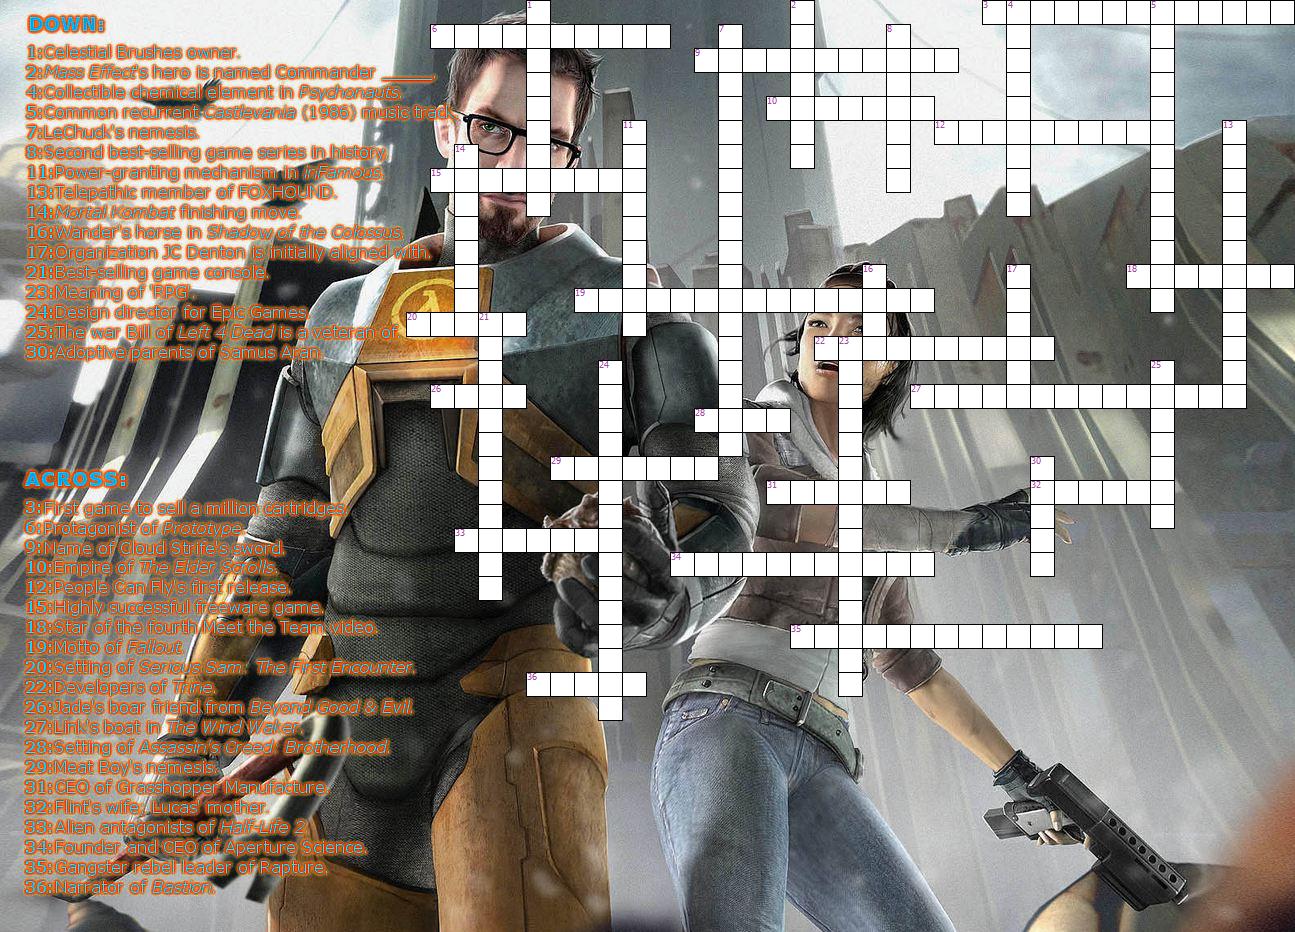 Crosswordquestions60.png